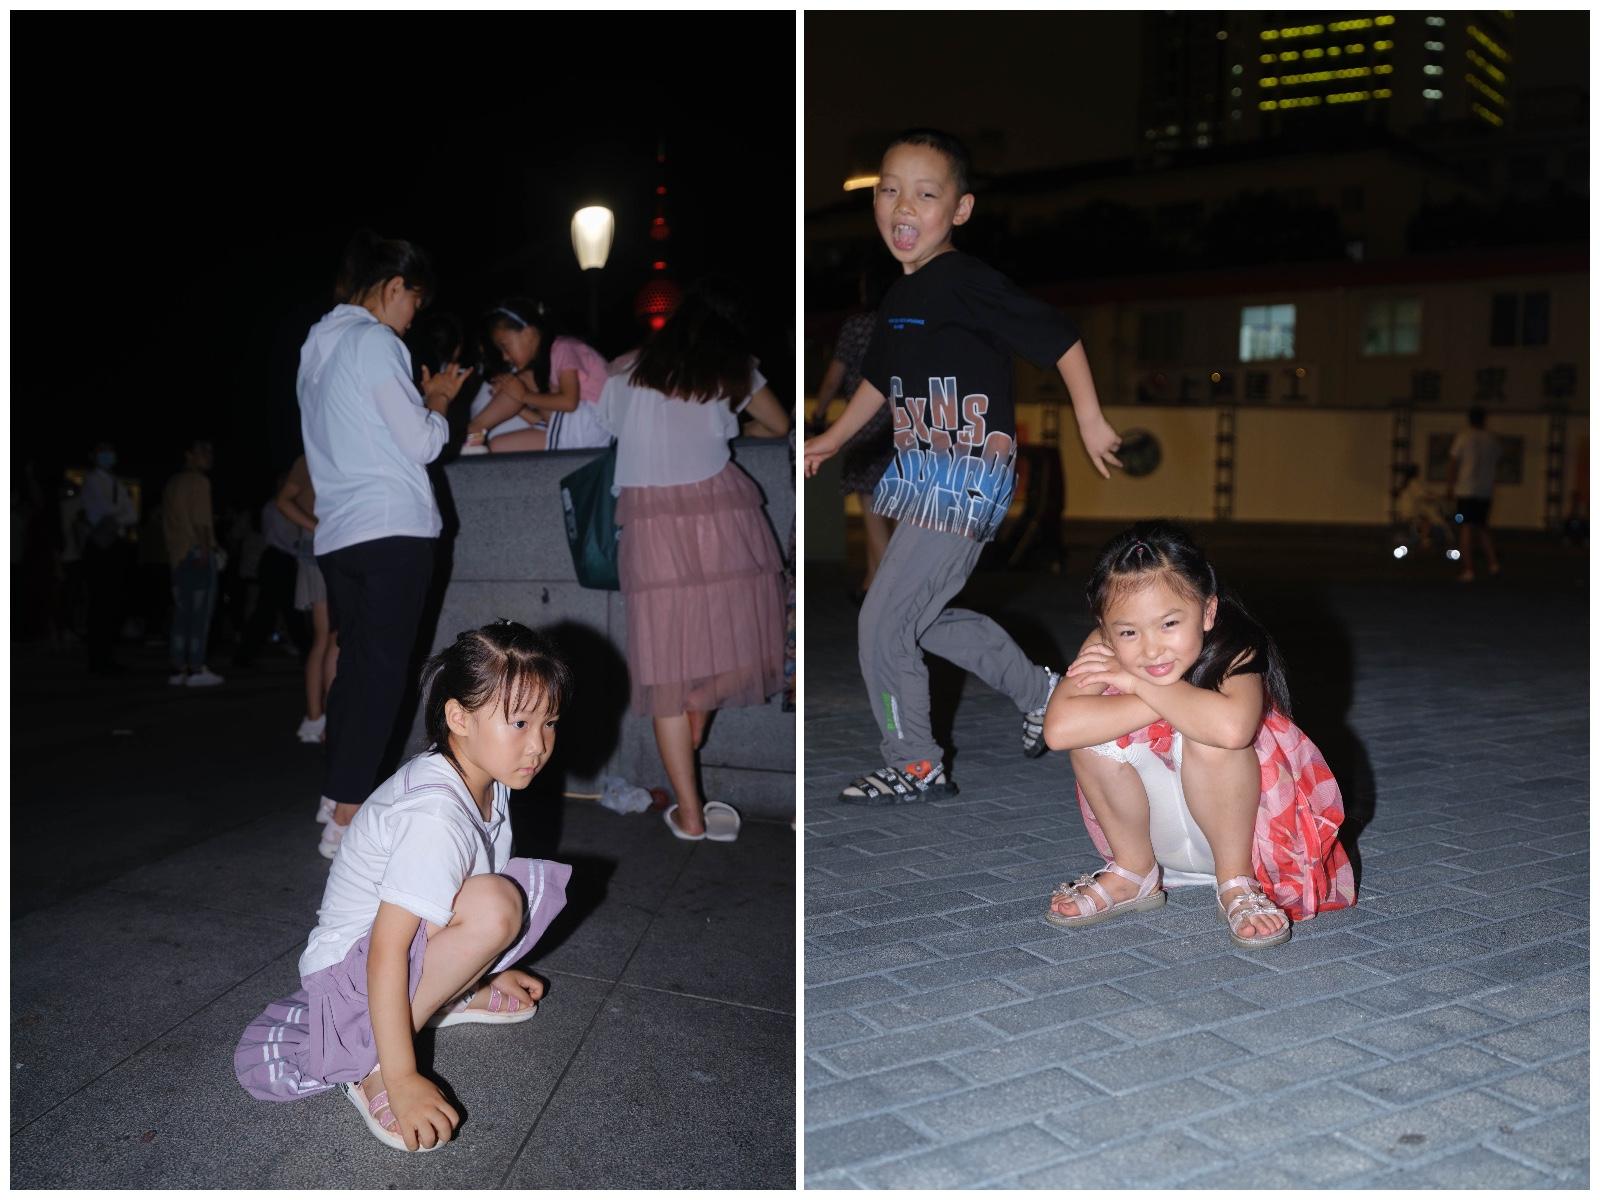 左:等待观看灯光秀的孩子;右:等待公交车的孩子。